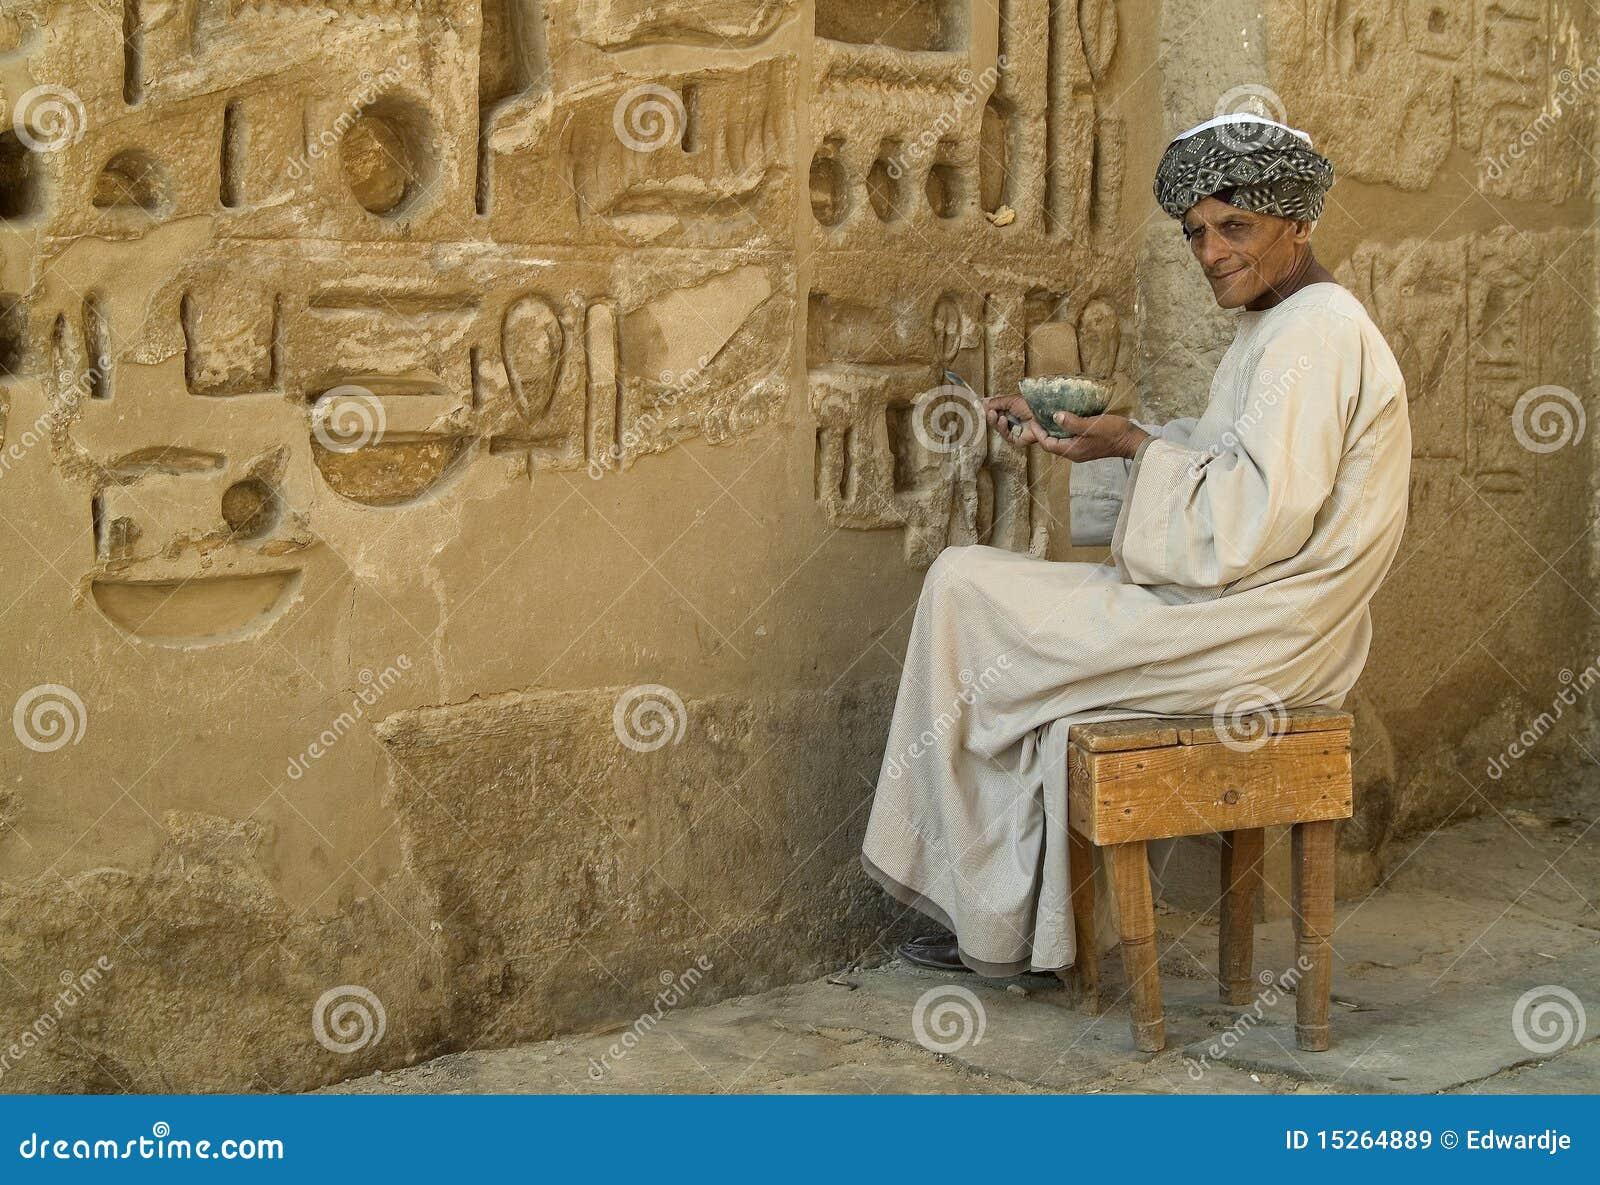 Egyptische Tempel 1 Van De Restauratie Redactionele Stock